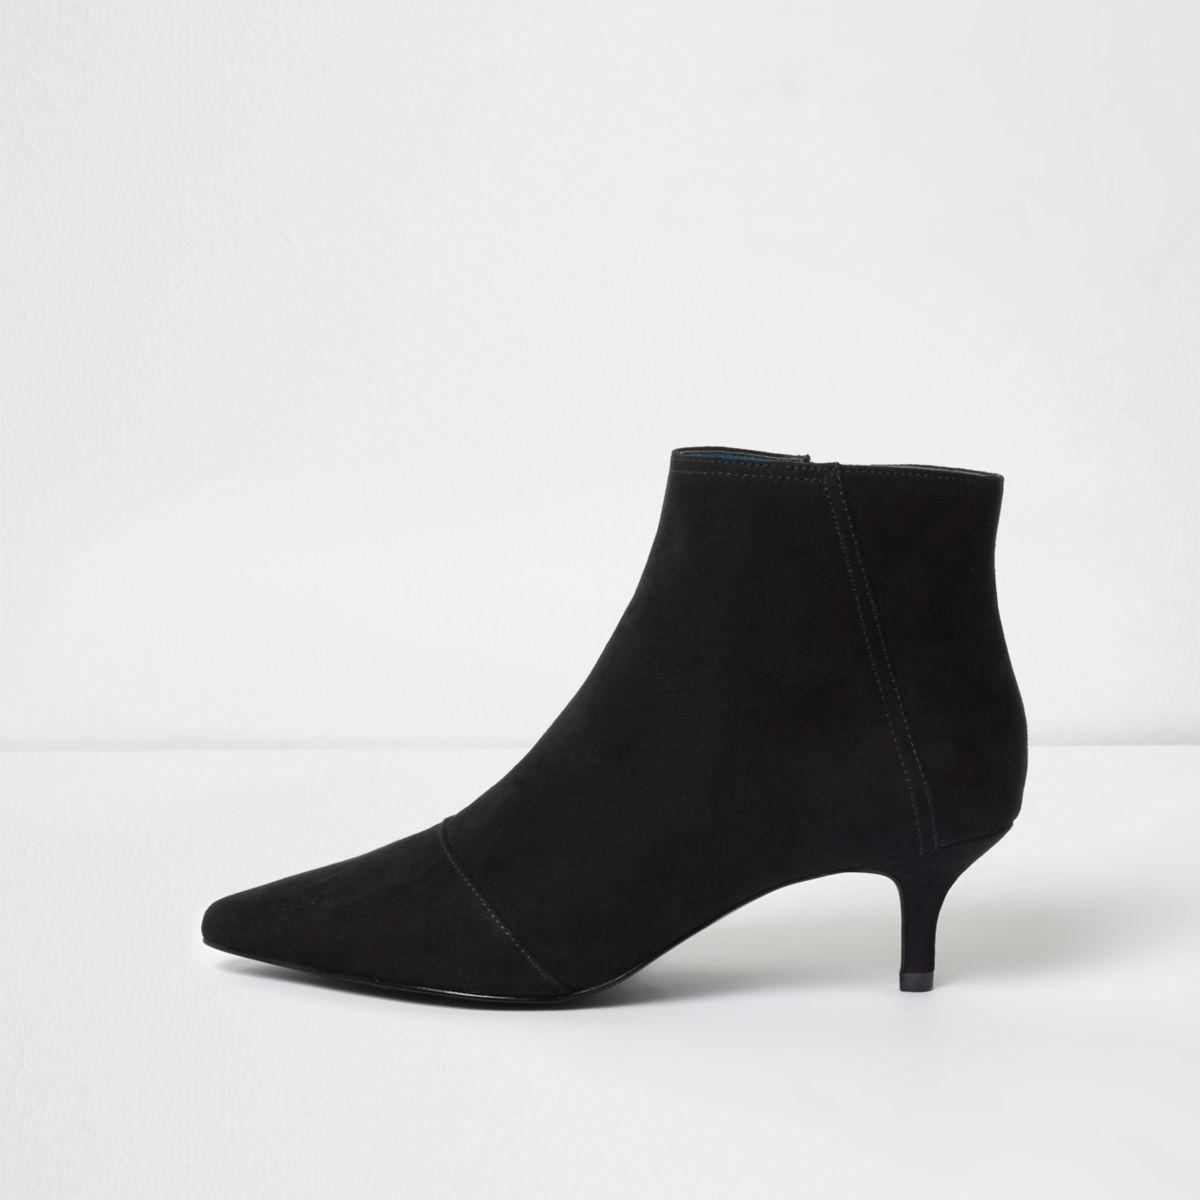 Black pointed kitten heel boots